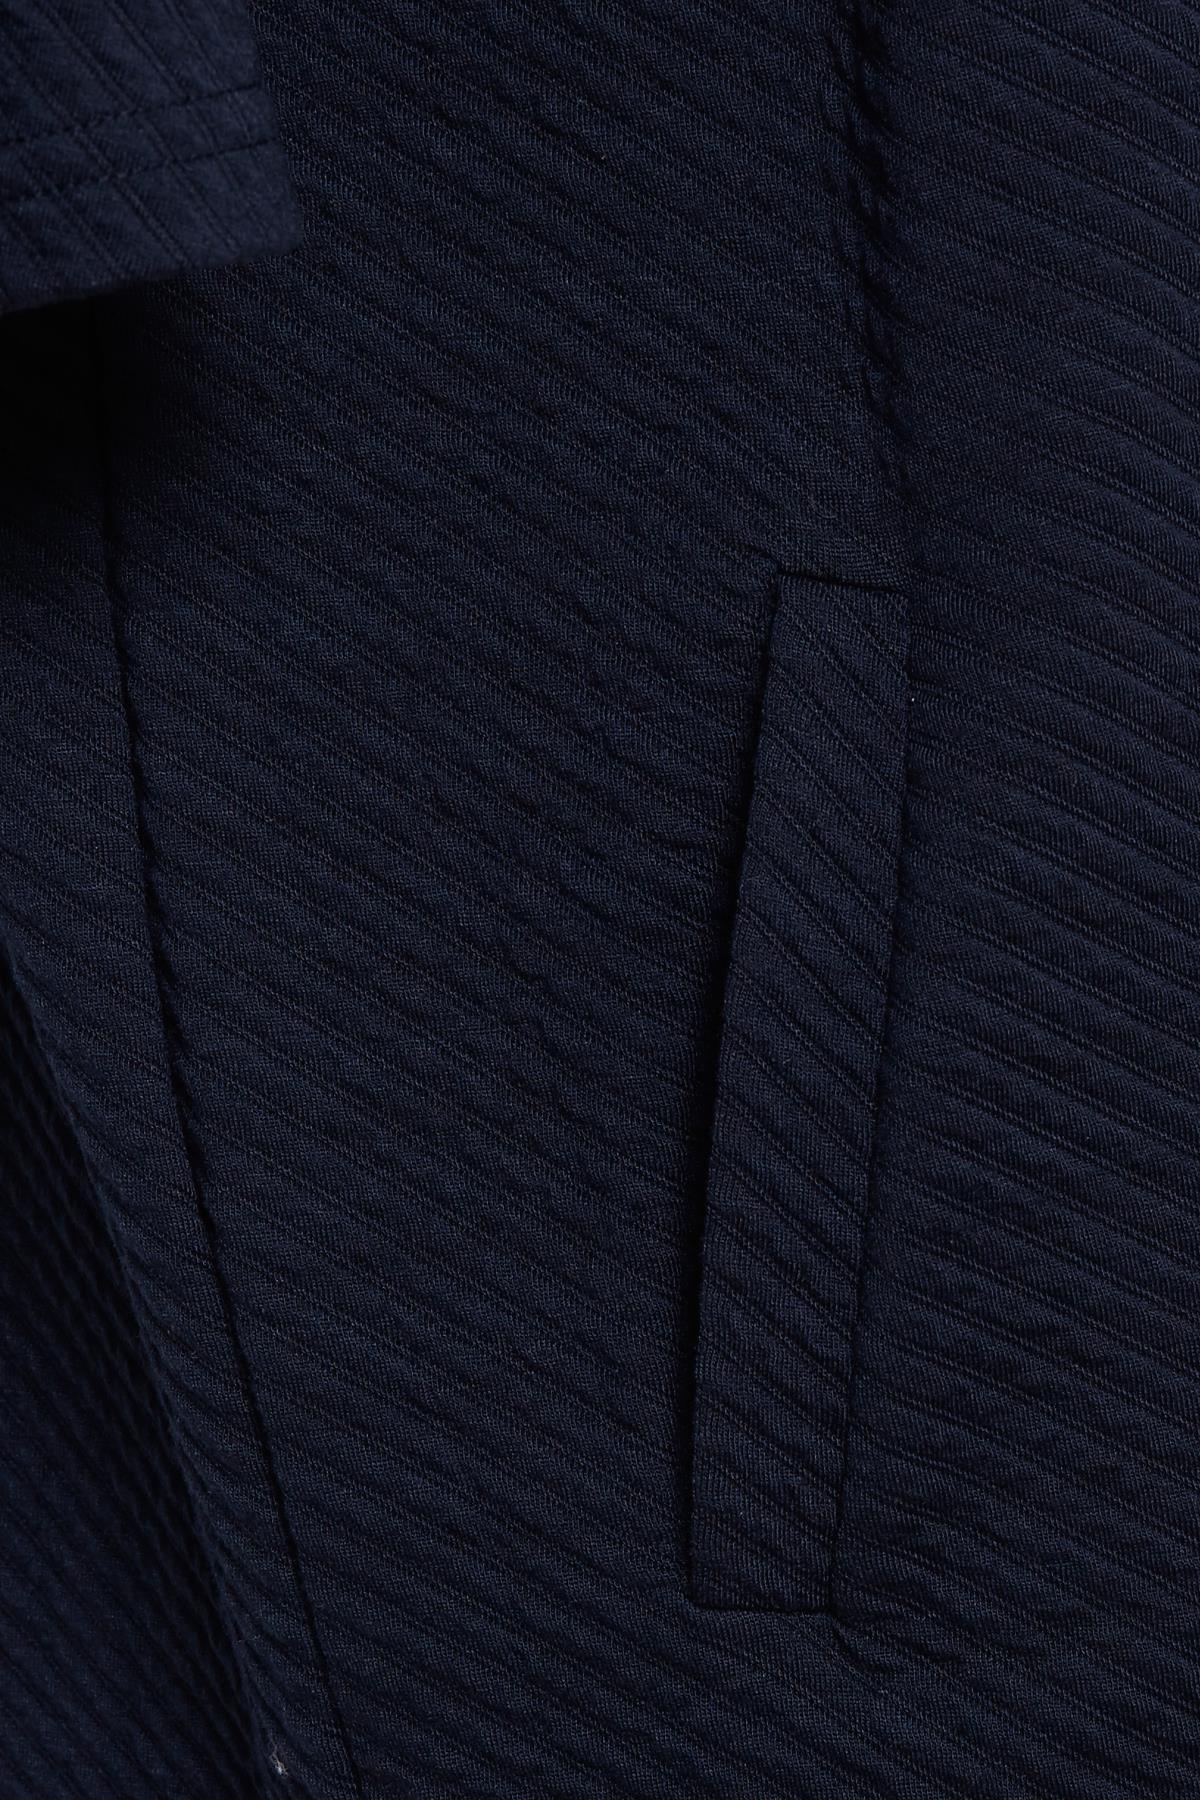 Marineblauw Gebreide tuniek van Kaffe – Door Marineblauw Gebreide tuniek van maat. XS-XXL hier